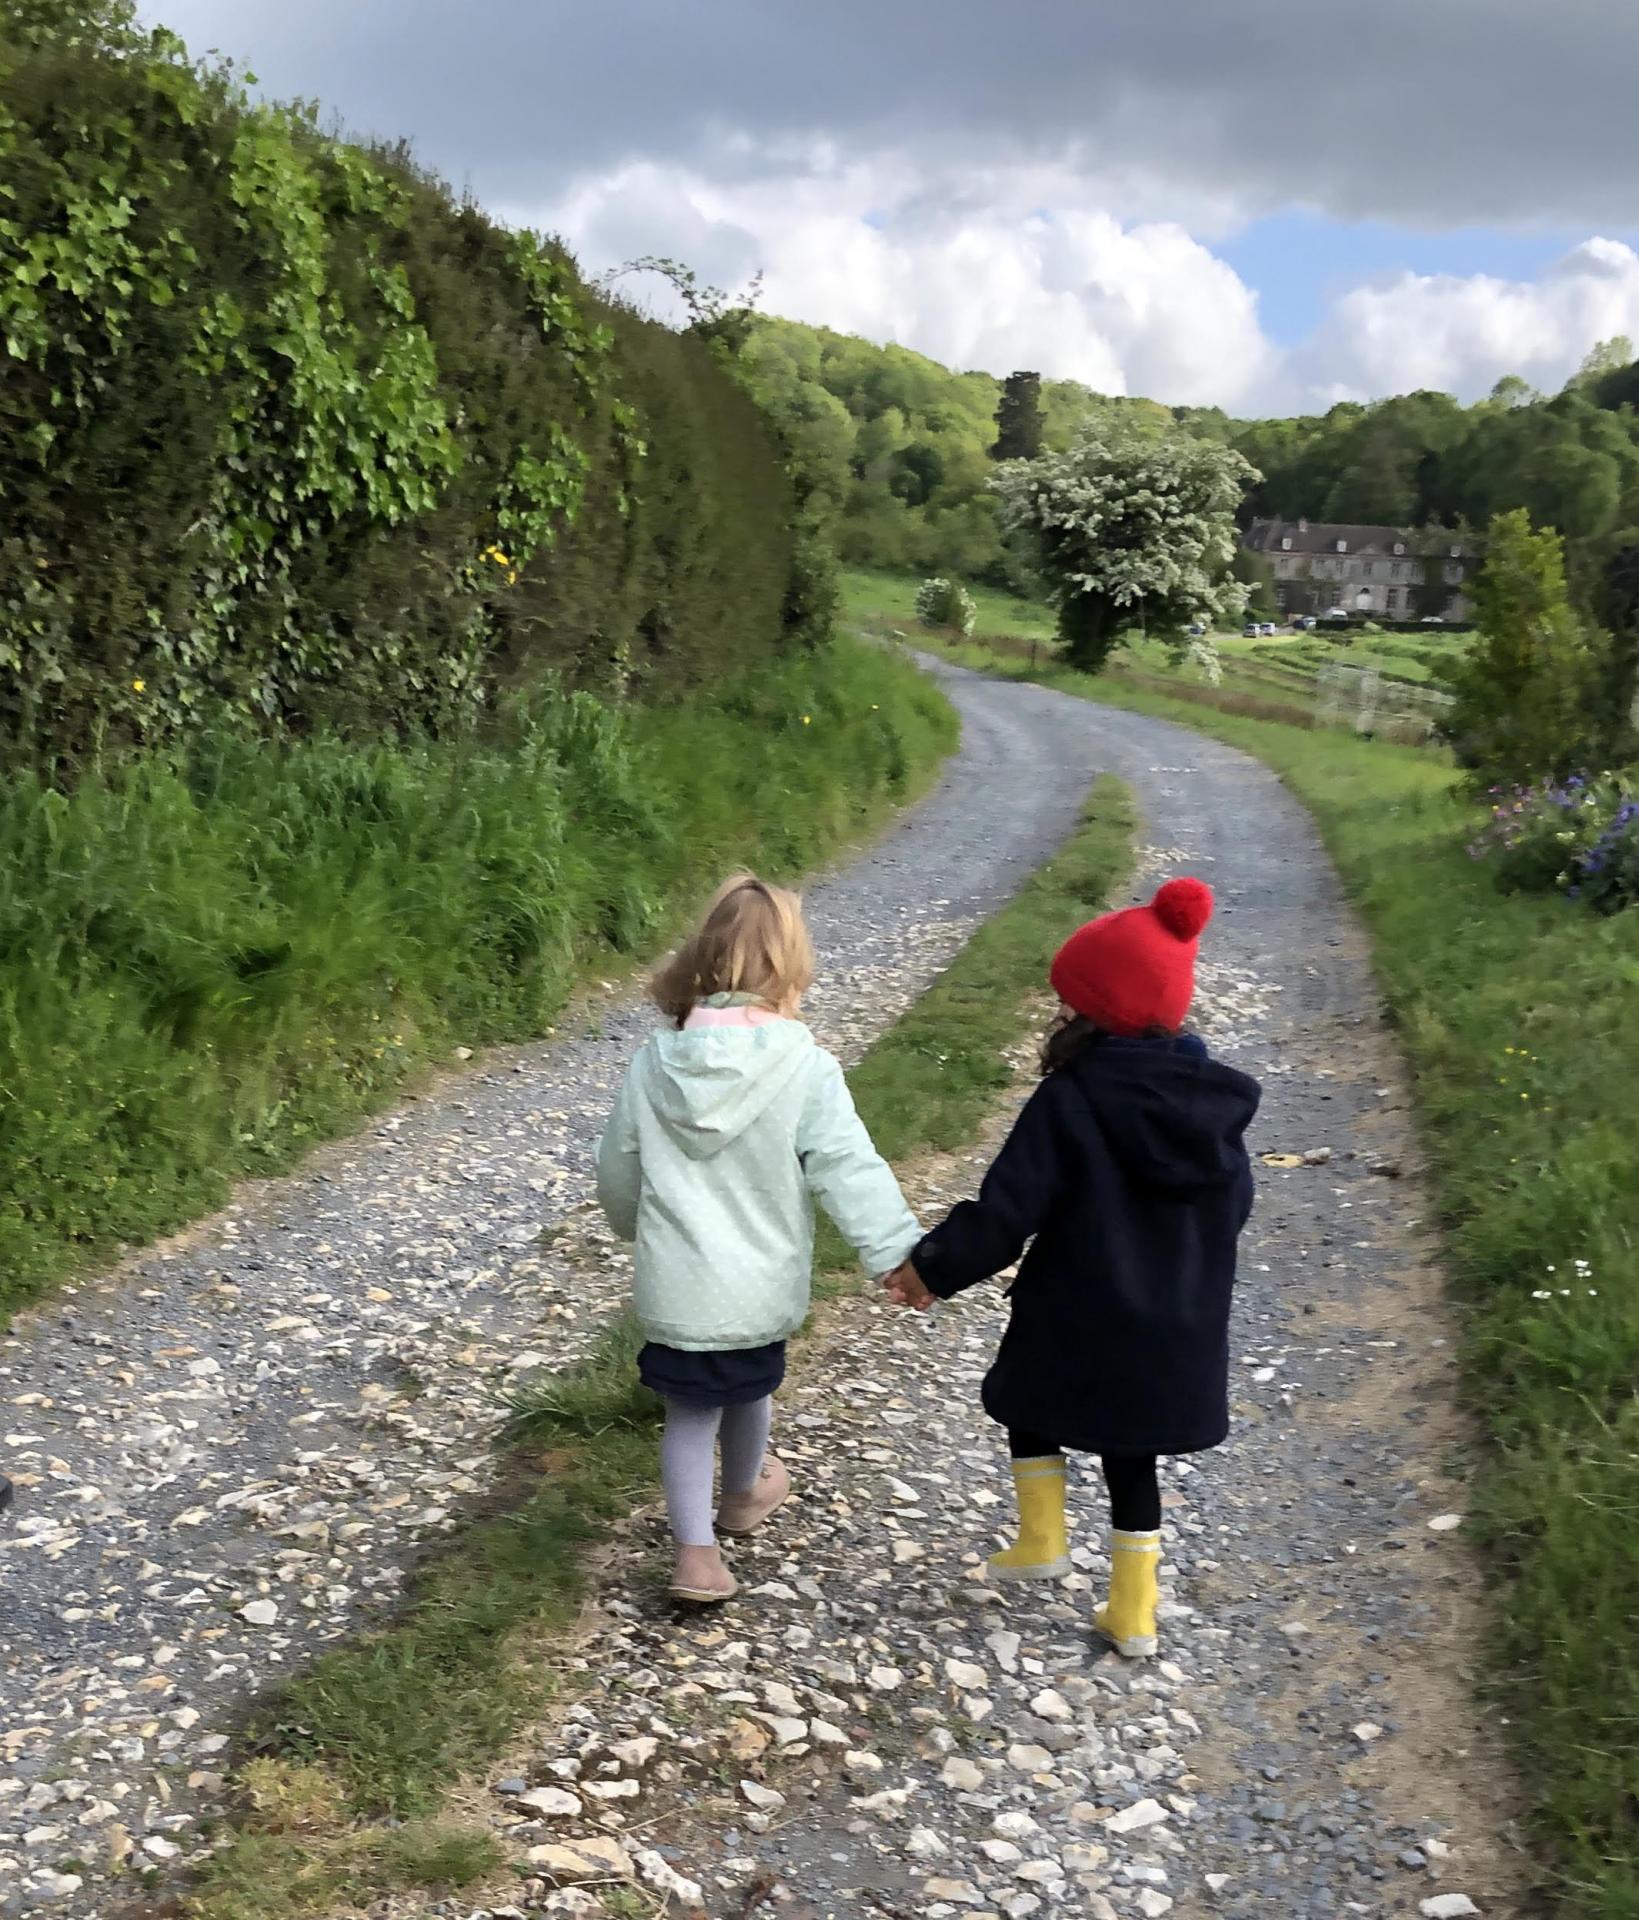 Les petites filles au bout du chemin - Sophie QUESNEL